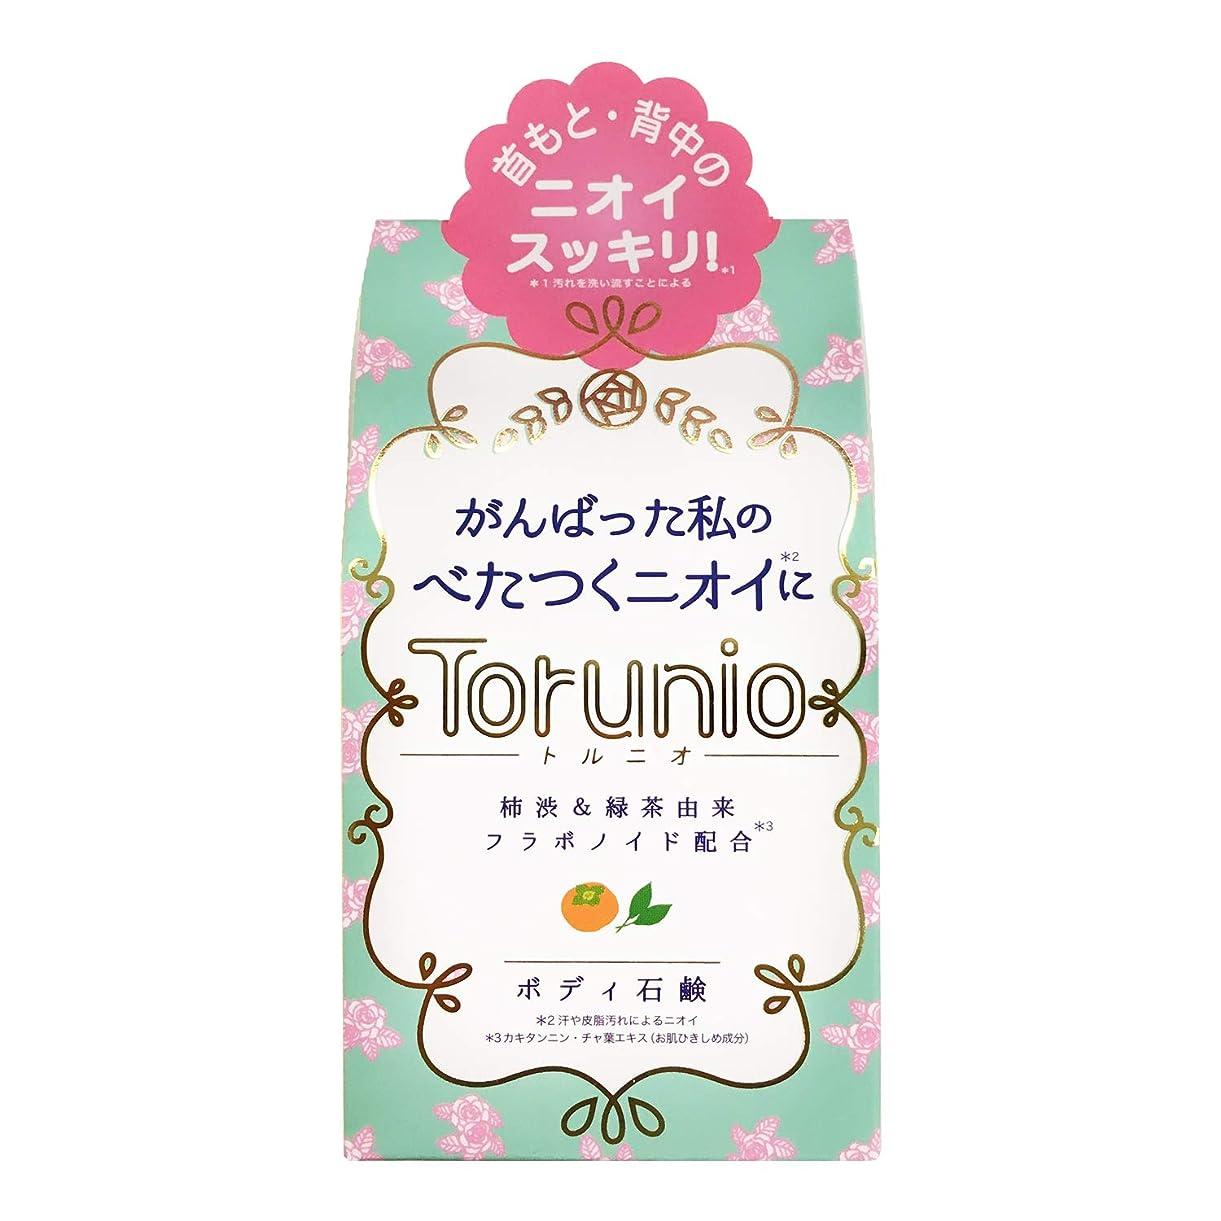 ロゴ依存発音Torunio(トルニオ)石鹸 100g